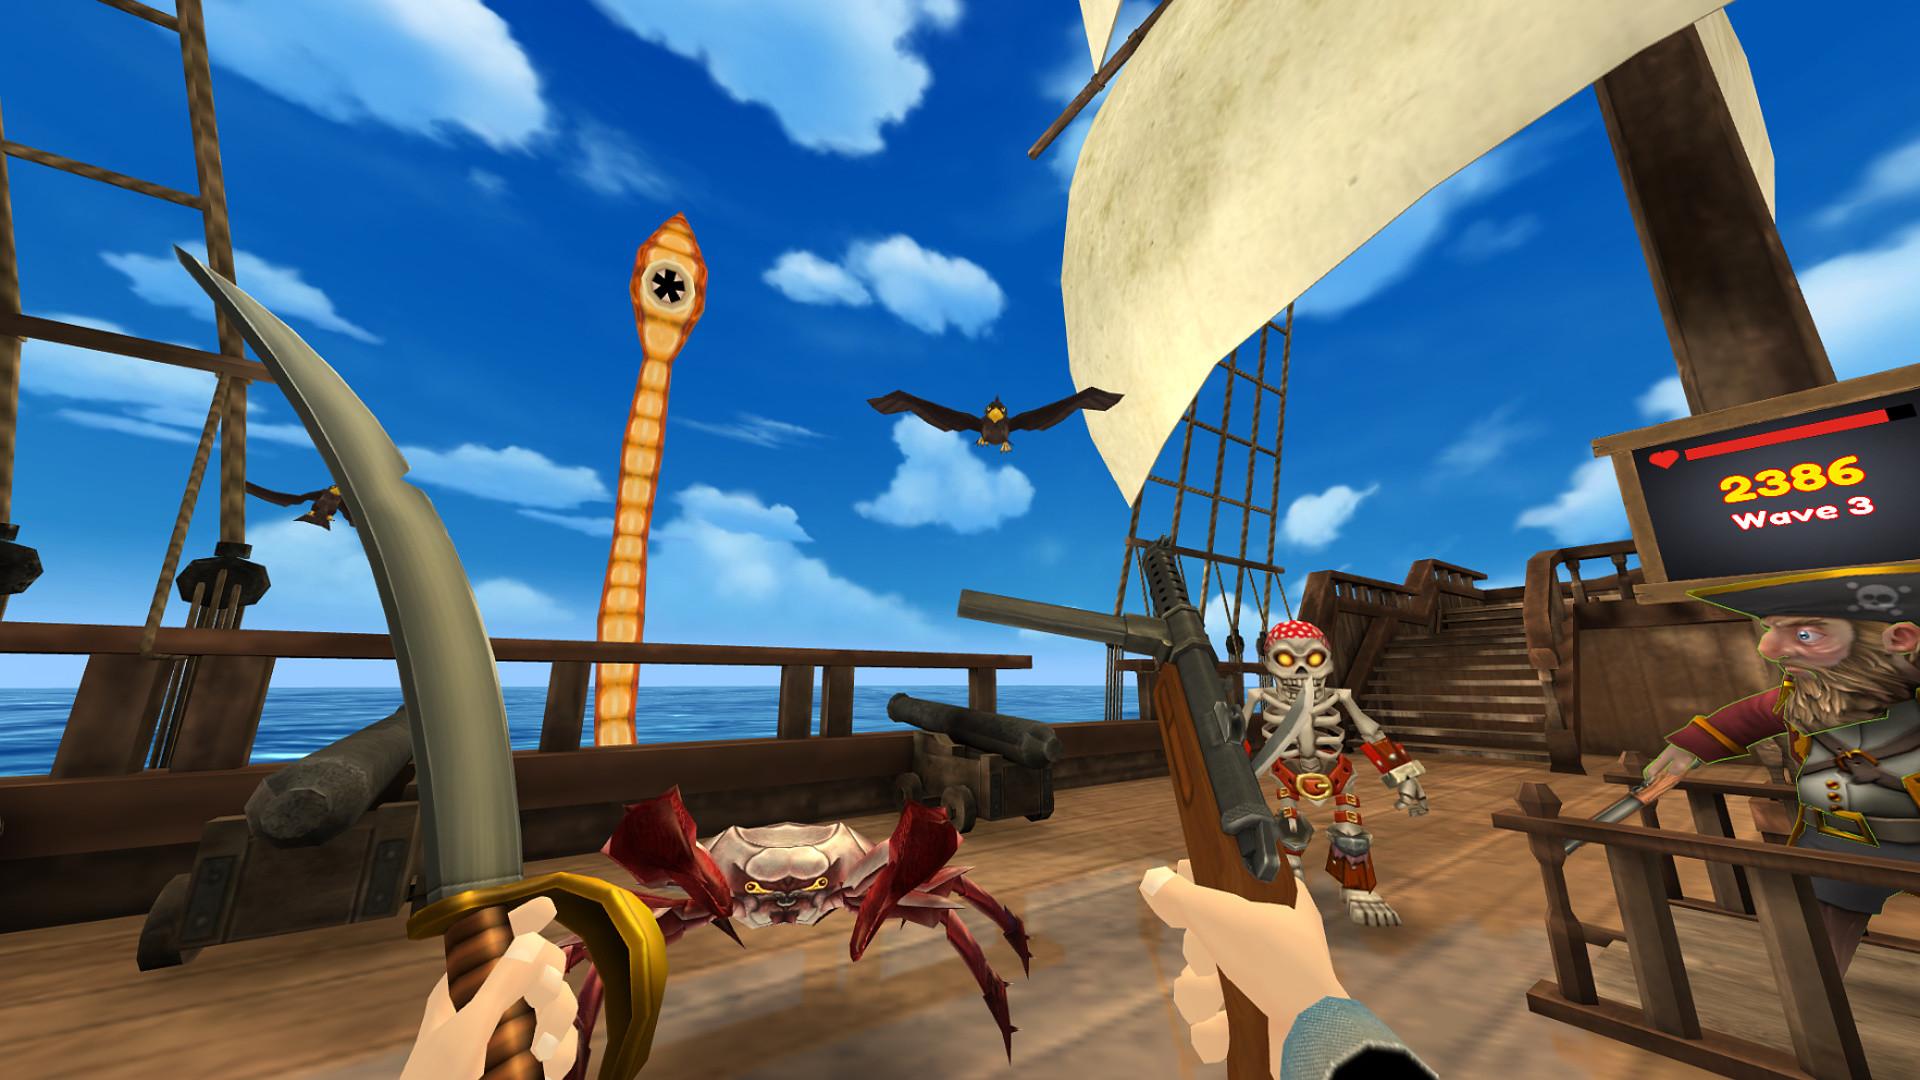 Oculus Quest 游戏《Pirates on Deck VR》甲板上的海盗插图(2)